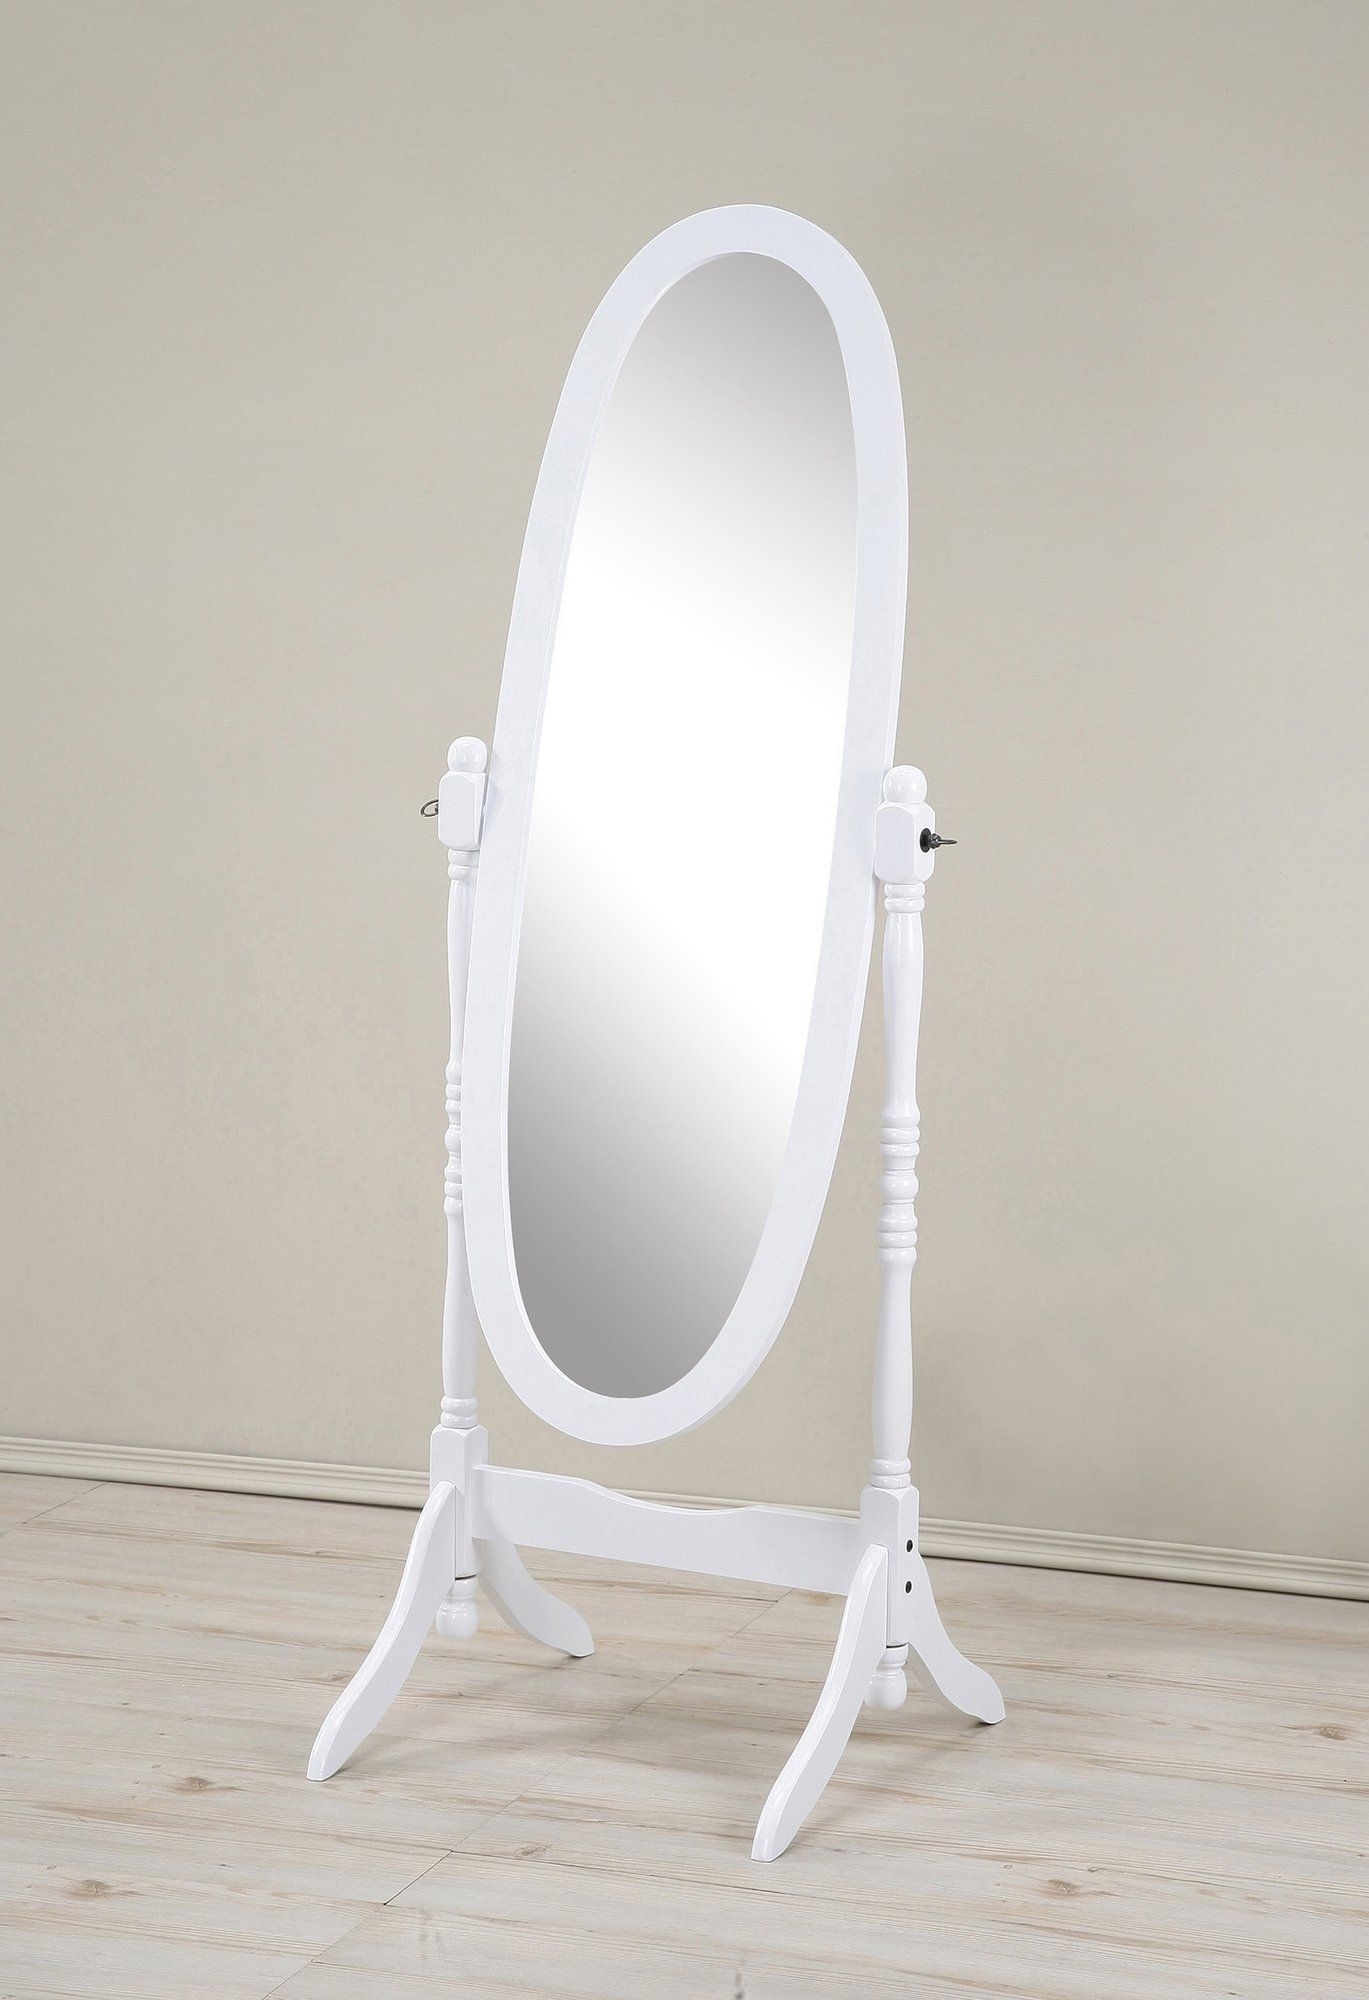 Constantia Traditional Floor Cheval Mirror | Cheval mirror, Floor ...